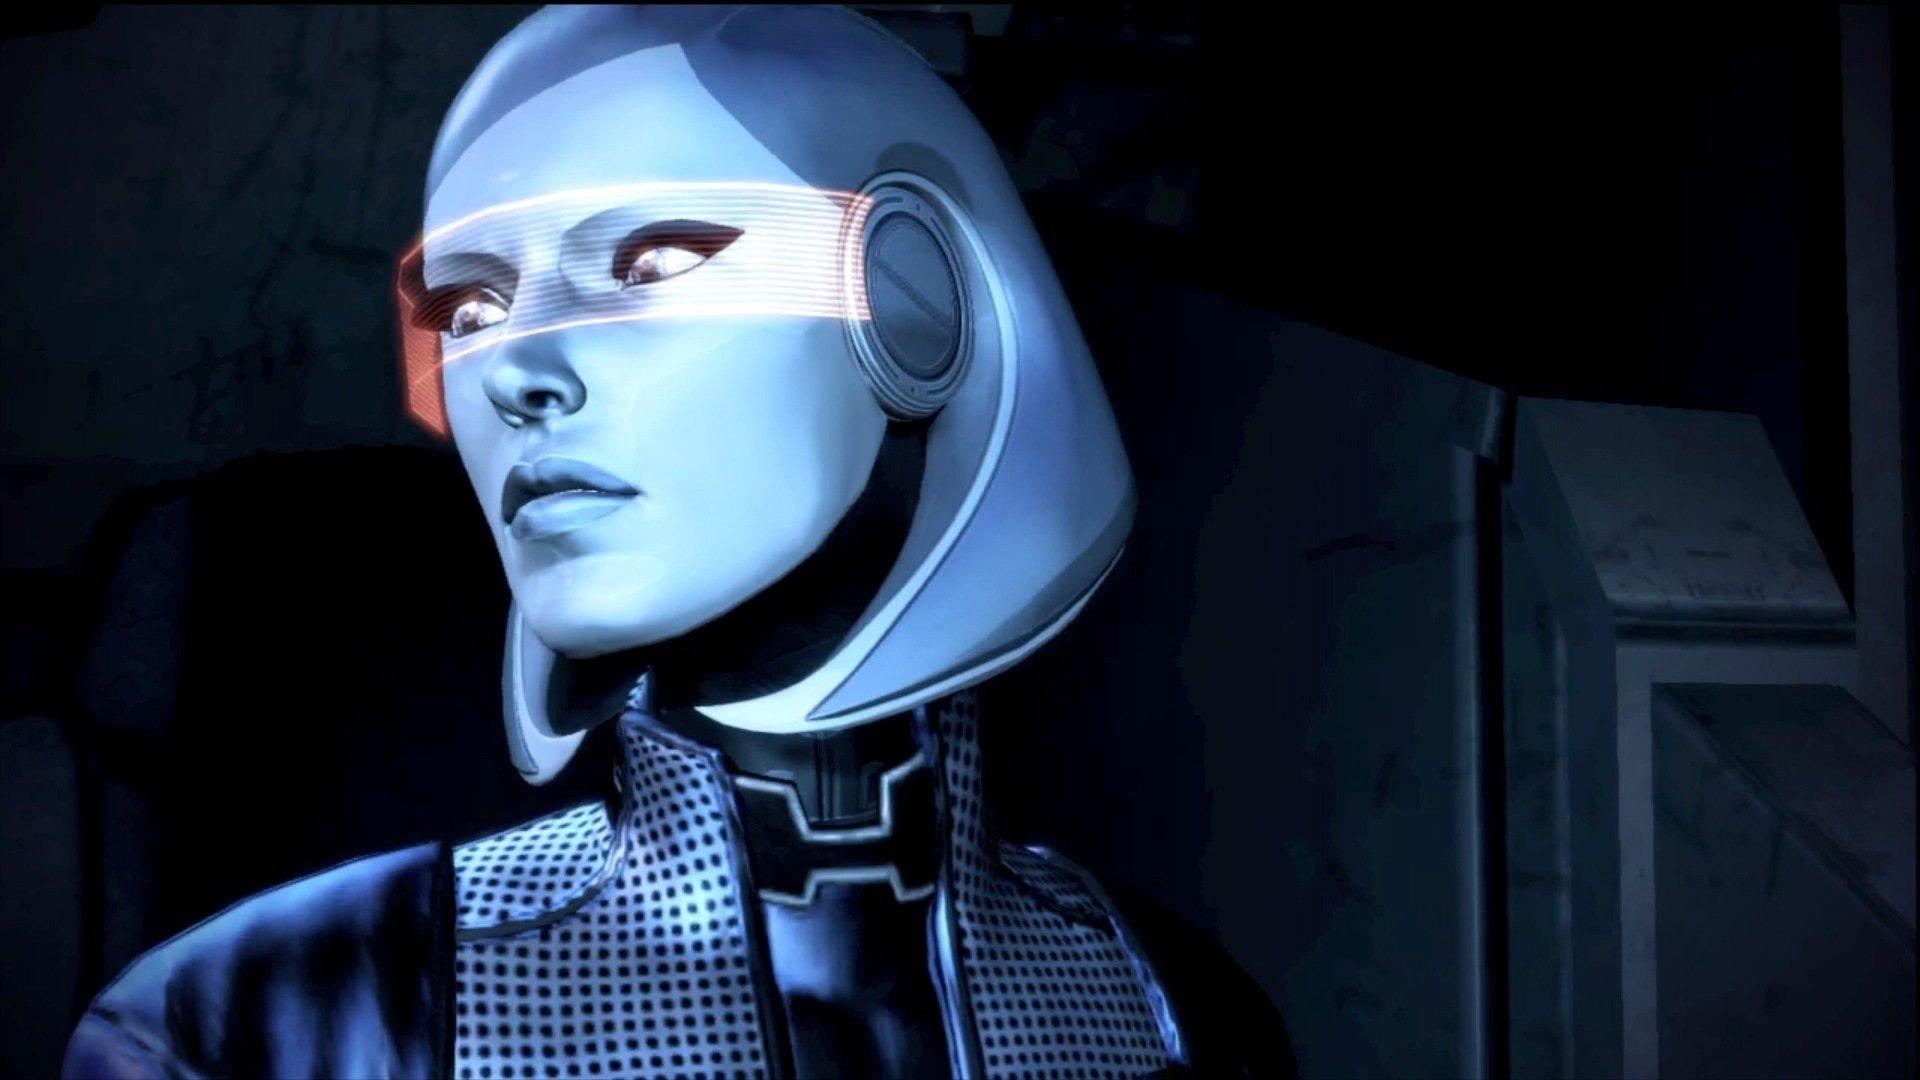 Edi Mass Effect edi (mass effect) wallpapers 1920x1080 full hd (1080p) desktop